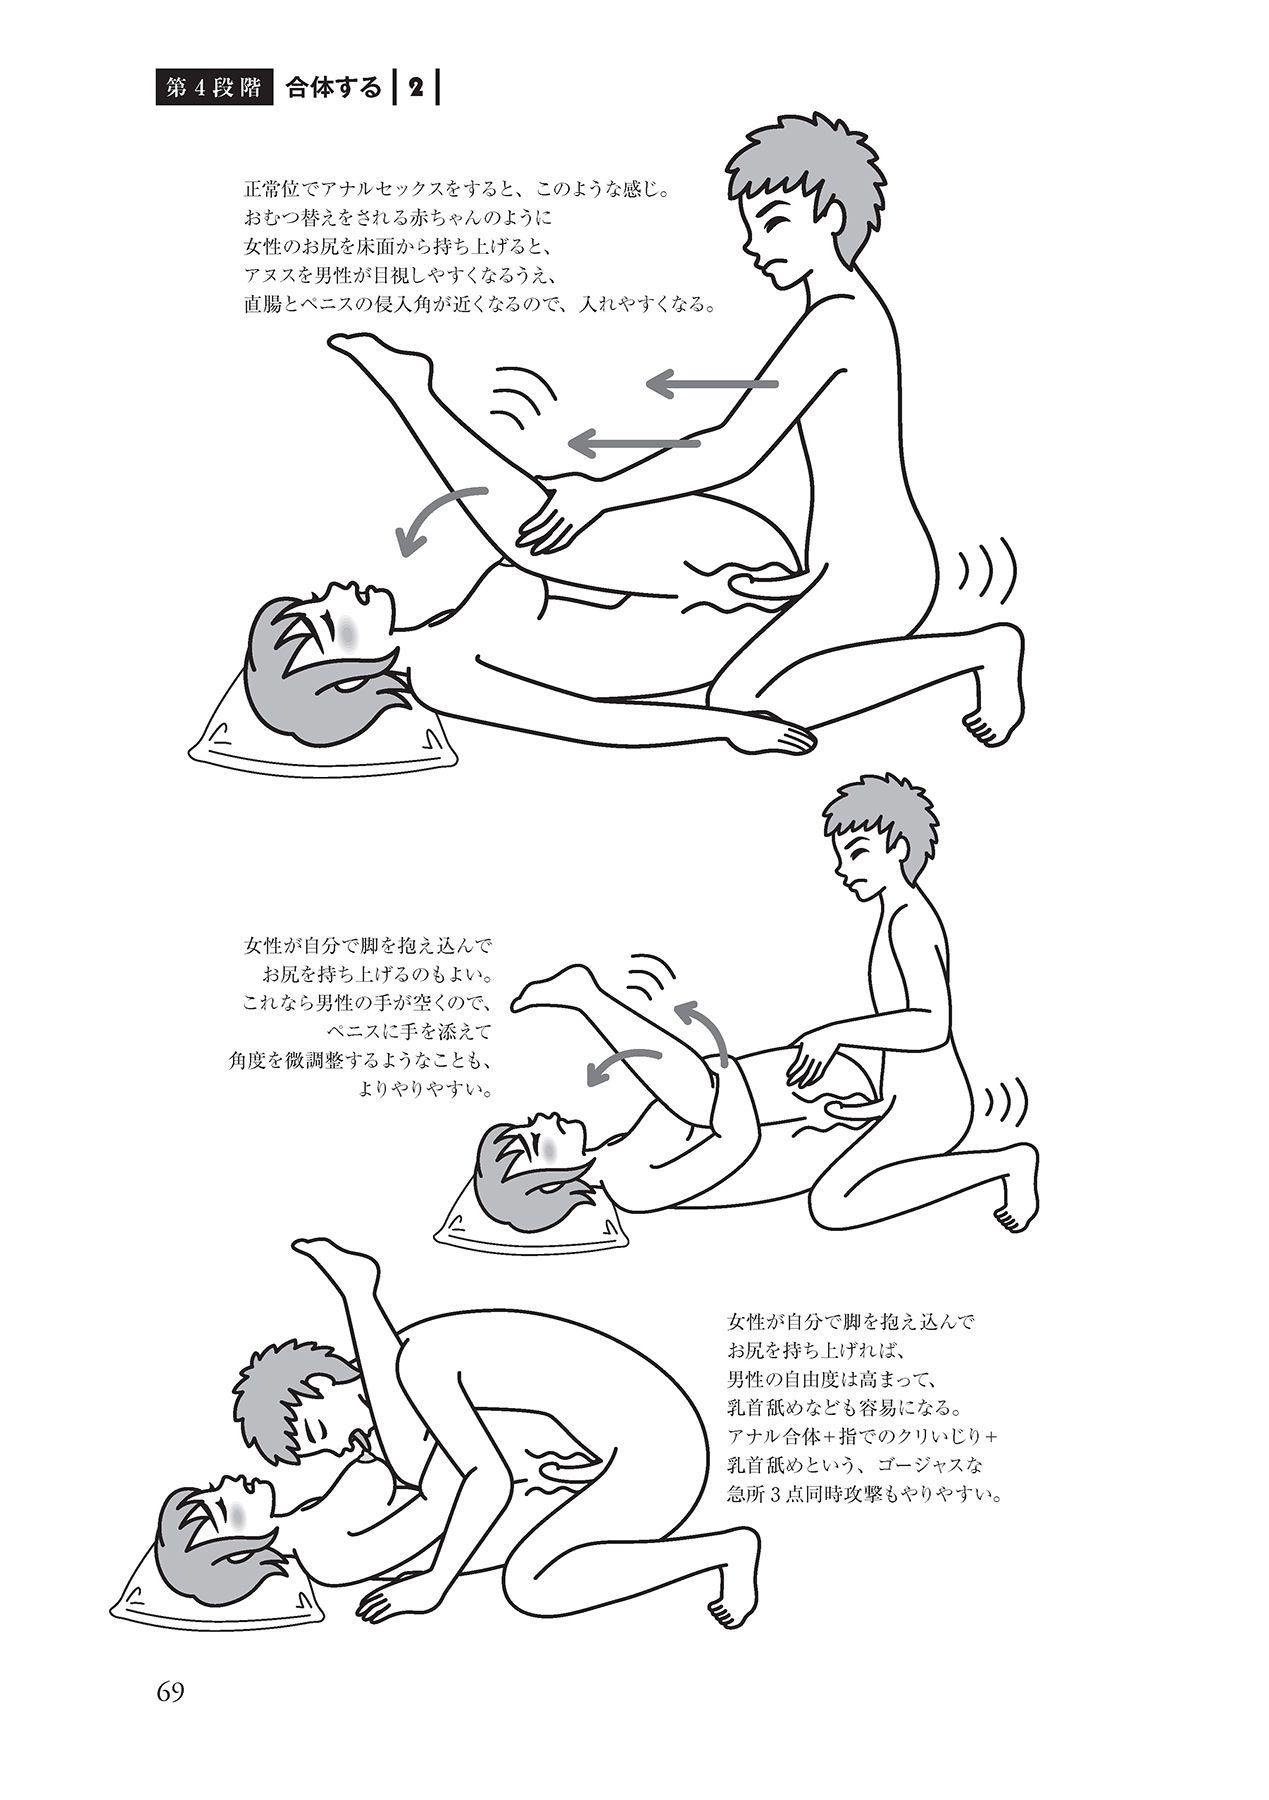 アナル性感開発・お尻エッチ 完全マニュアル 70